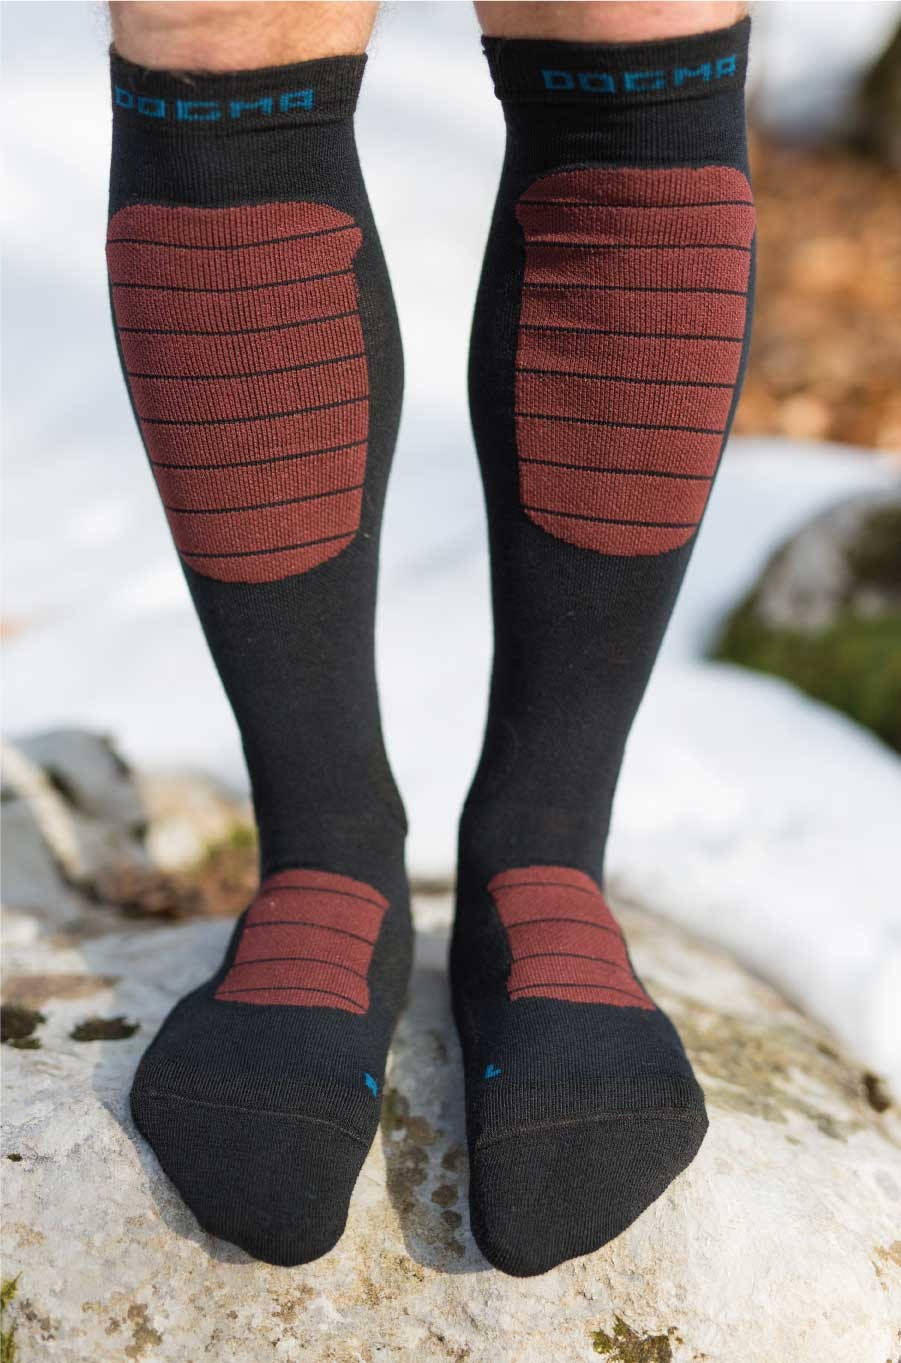 Dogmasocks Snow Eater winter socks for men with burgundy stripes. Full front design